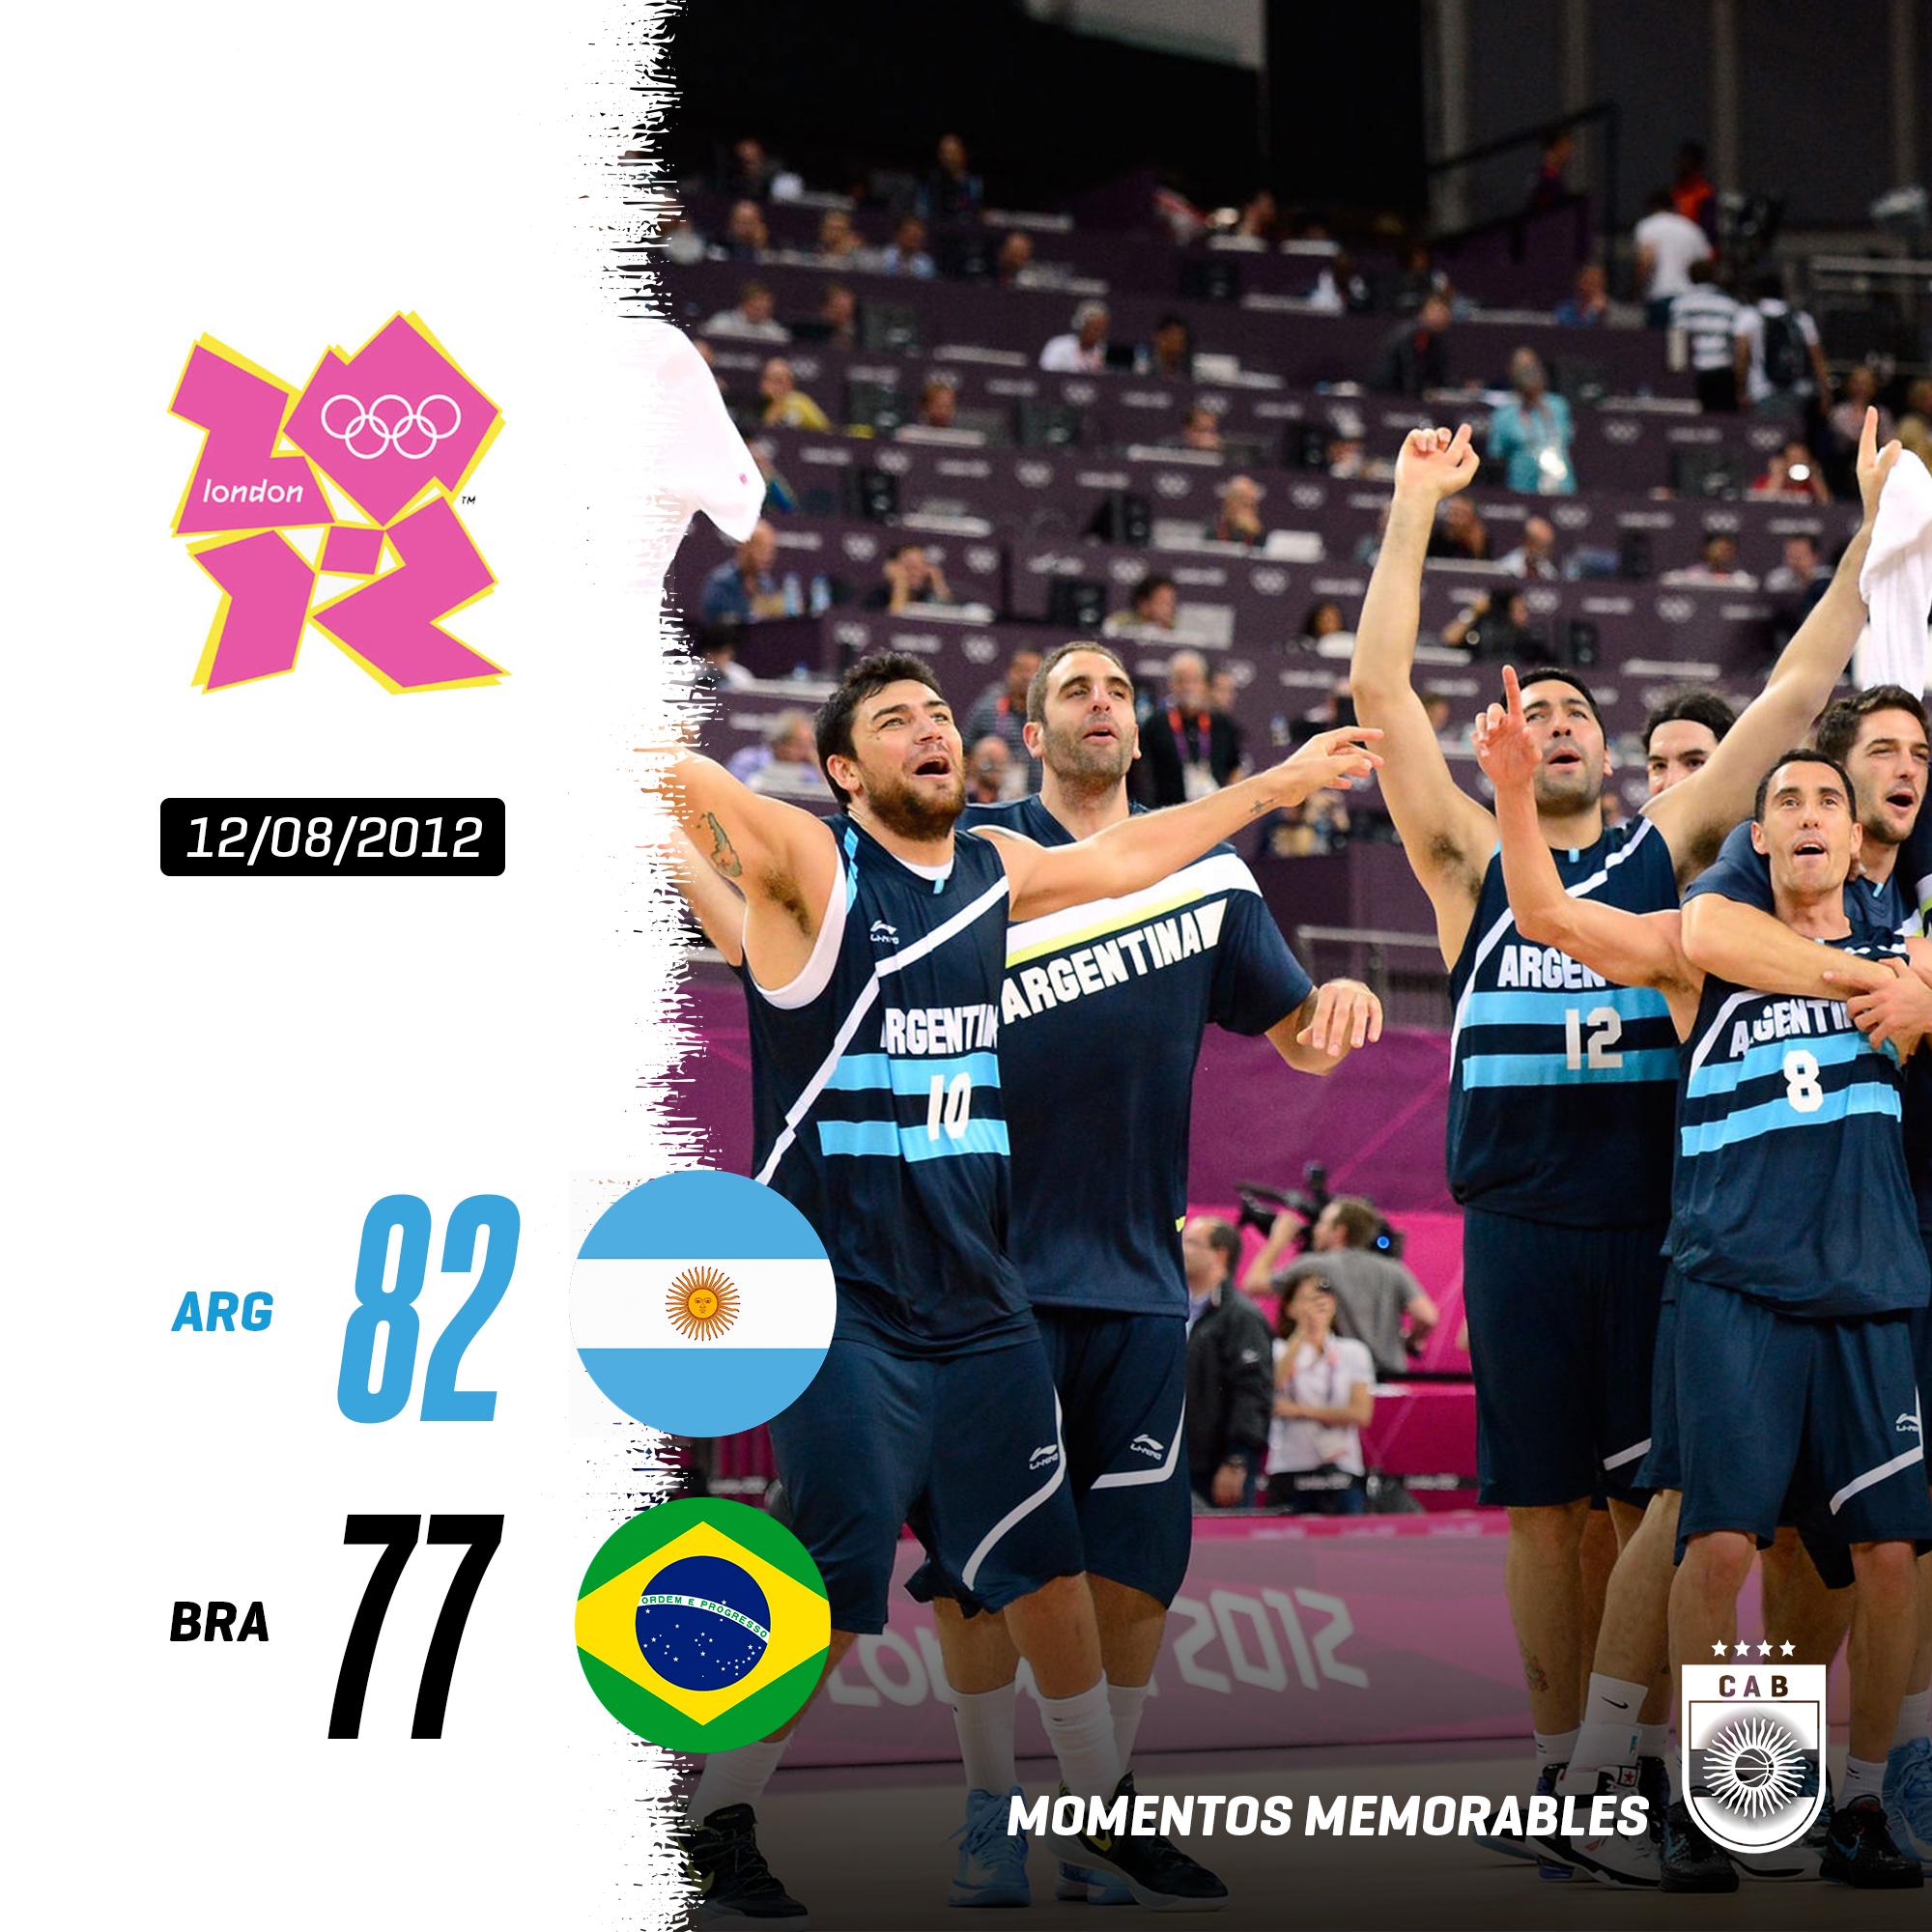 Partidos memorables: Argentina-Brasil 2012, un clásico teñido de celeste y blanco